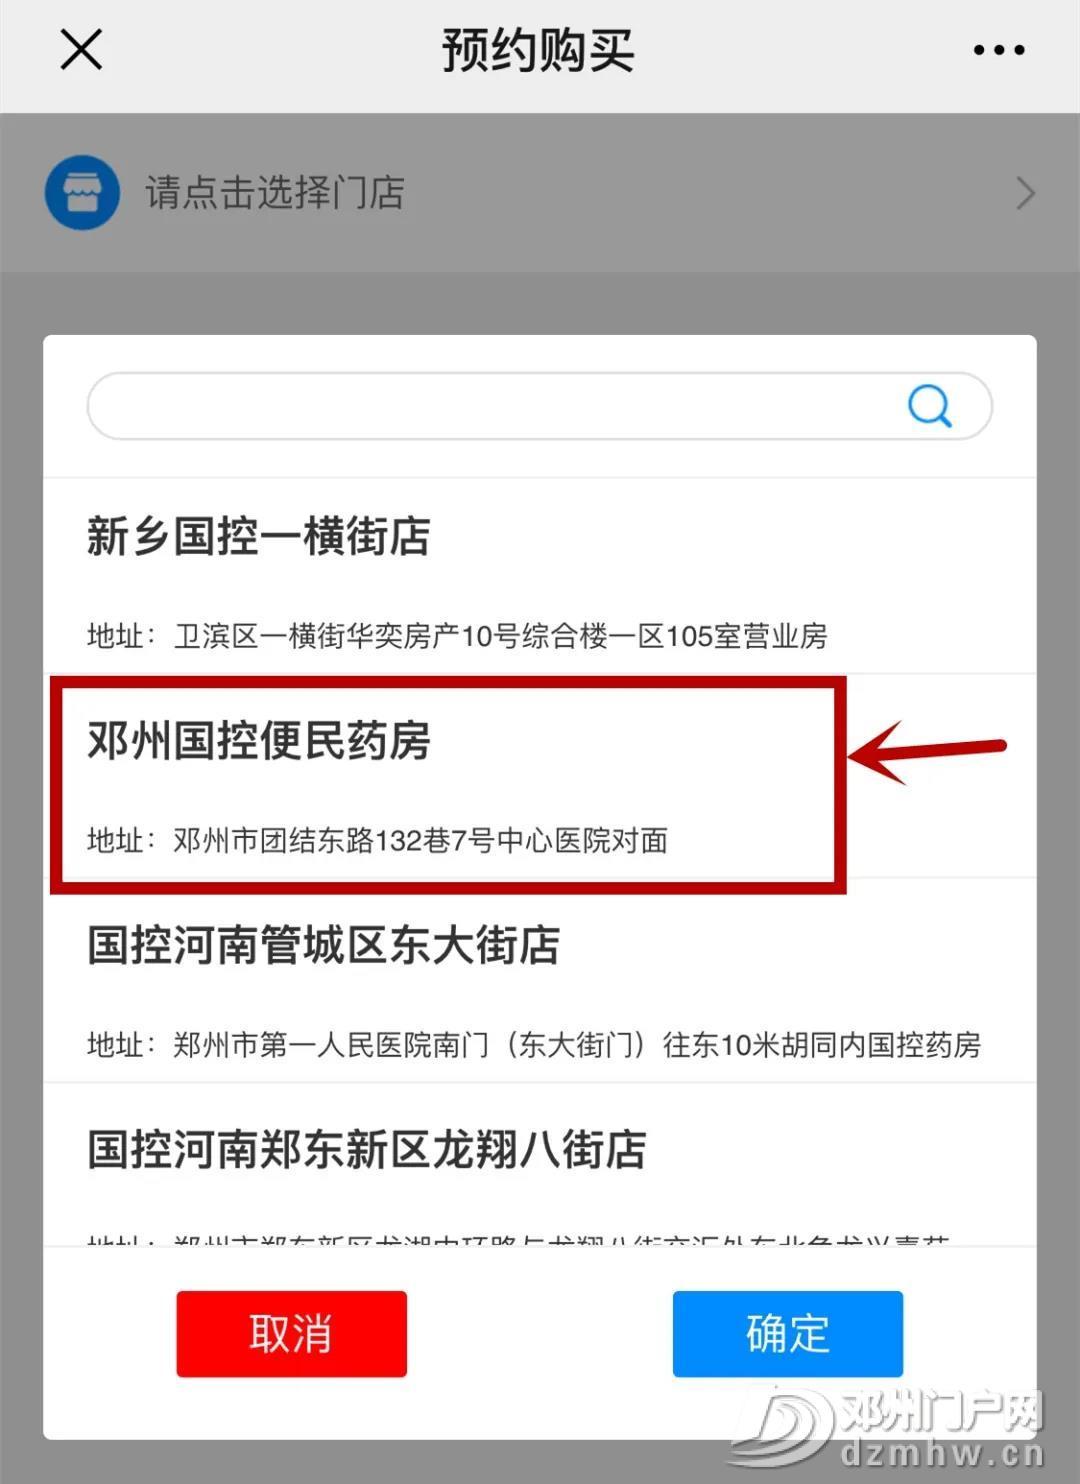 关于网站抢购口罩的使用流程详细讲解! - 邓州门户网|邓州网 - 微信图片_20200227223340.jpg